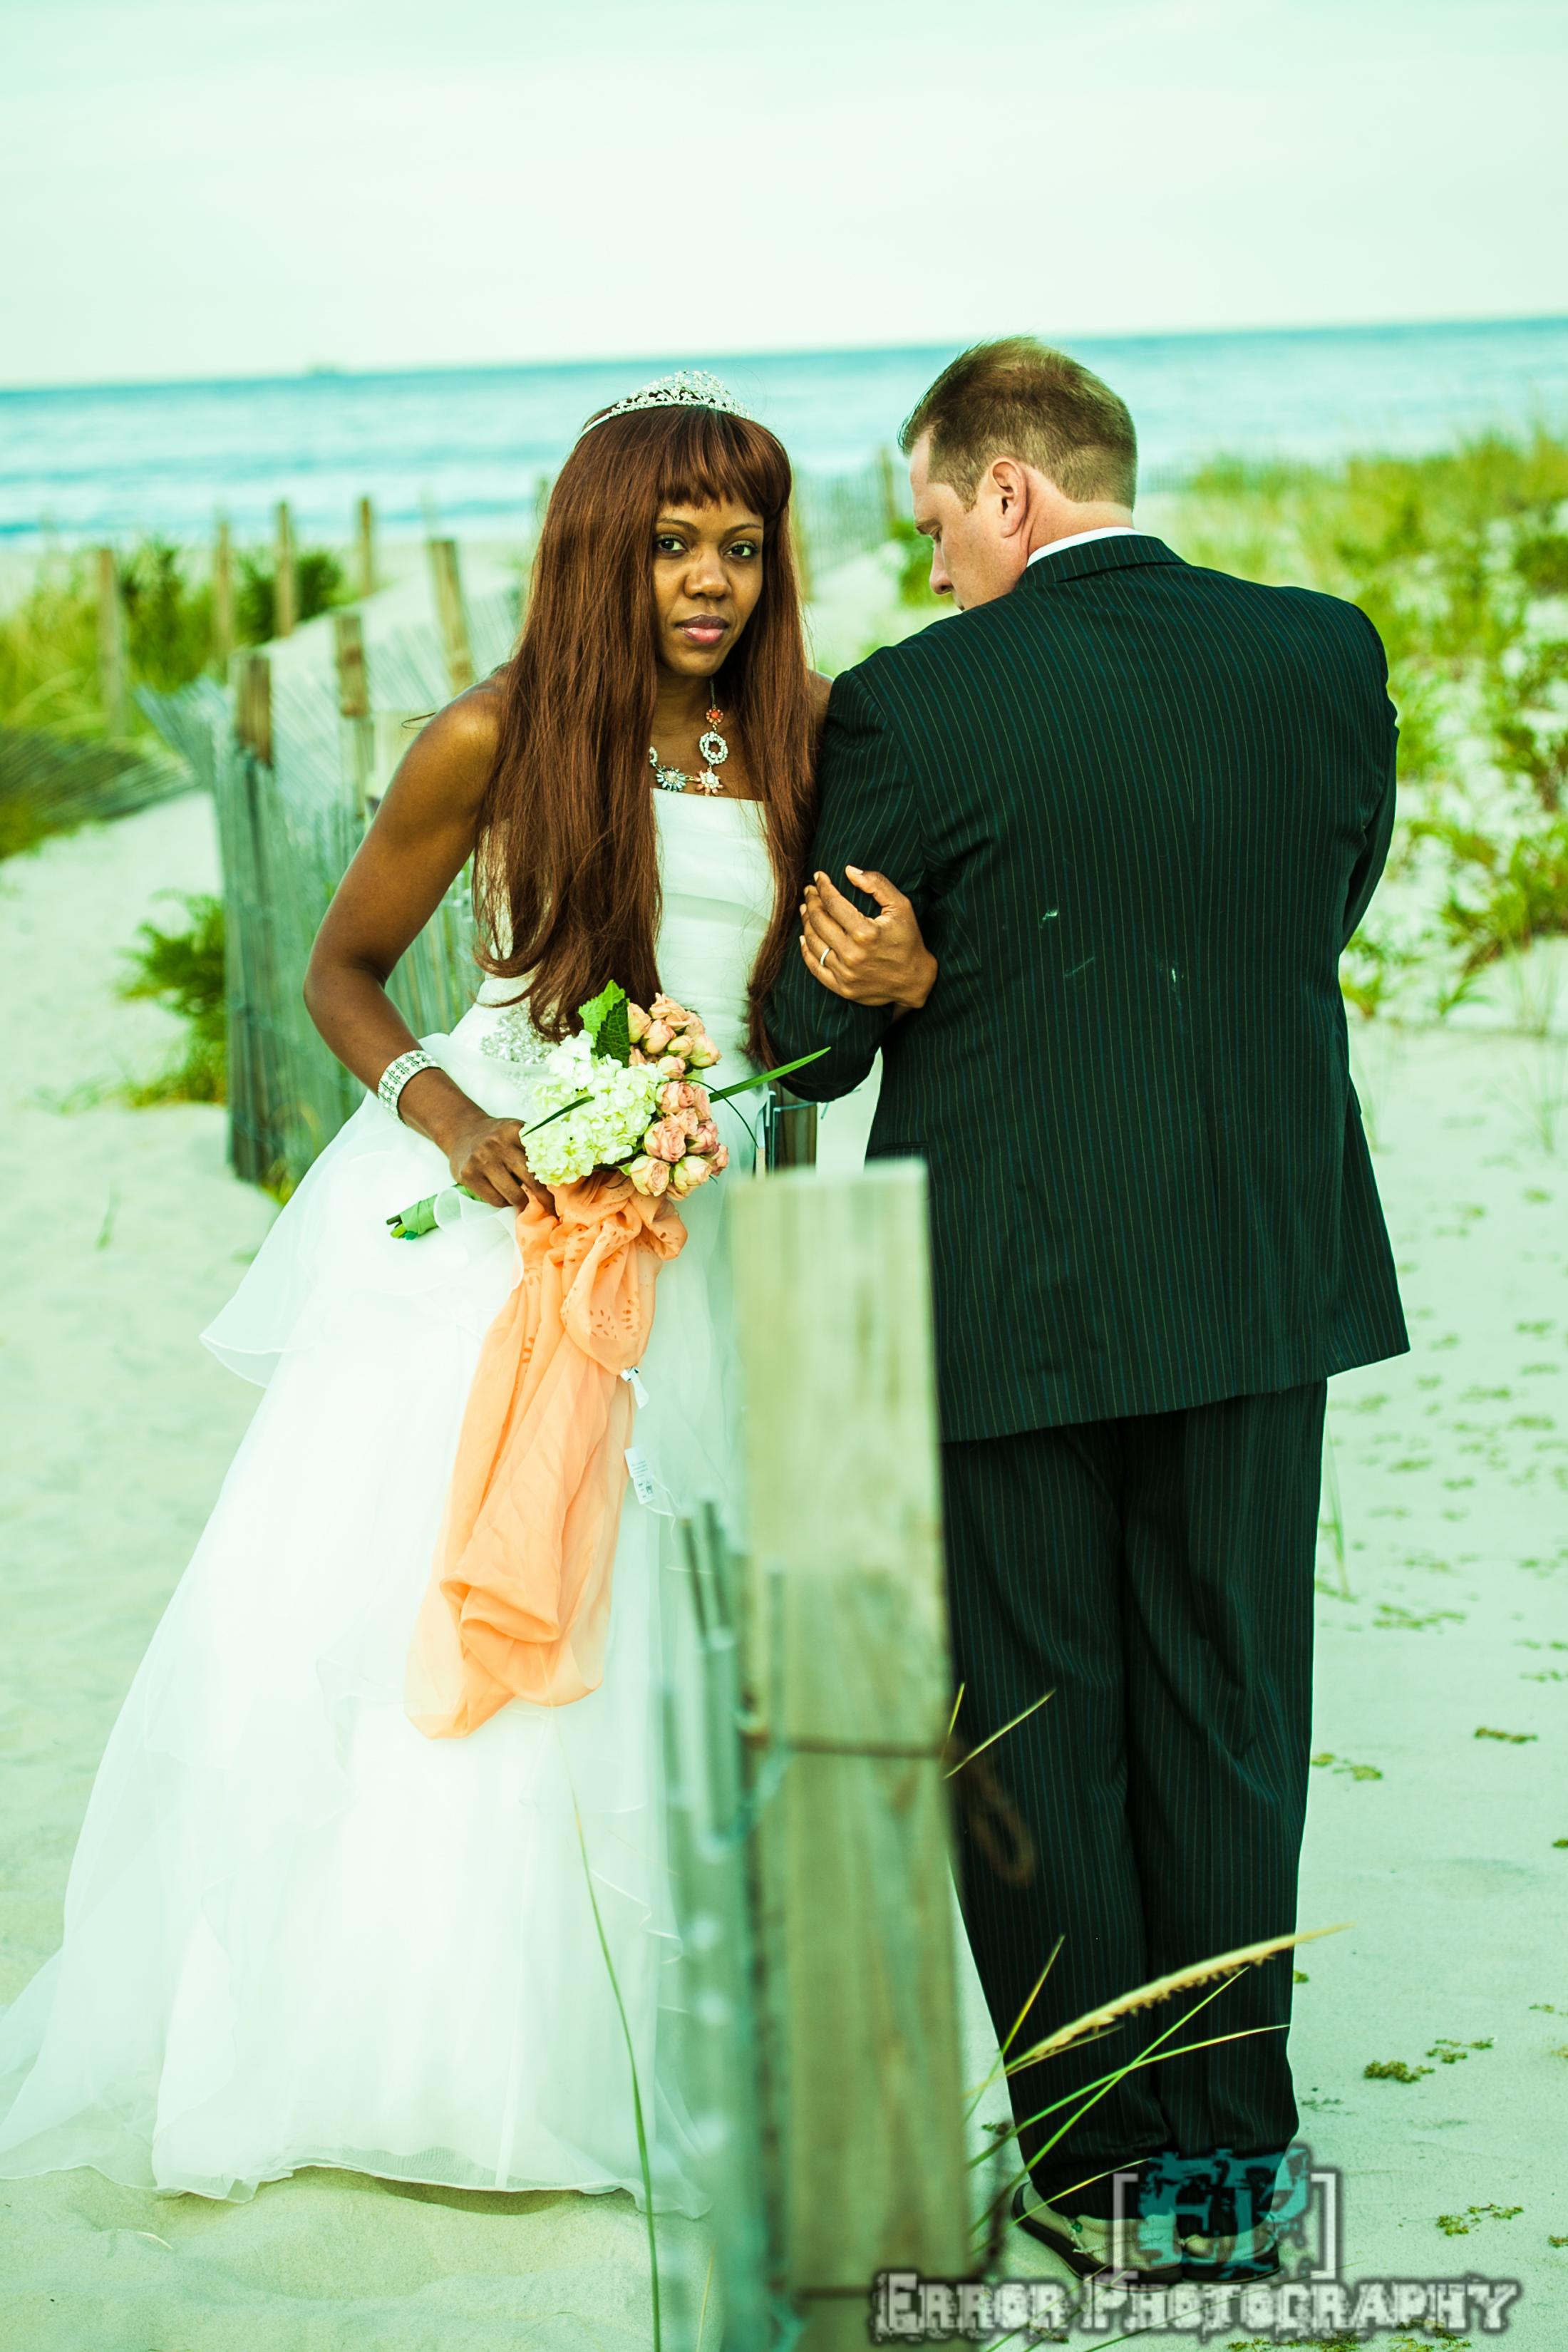 Wedding promo photos-5.jpg